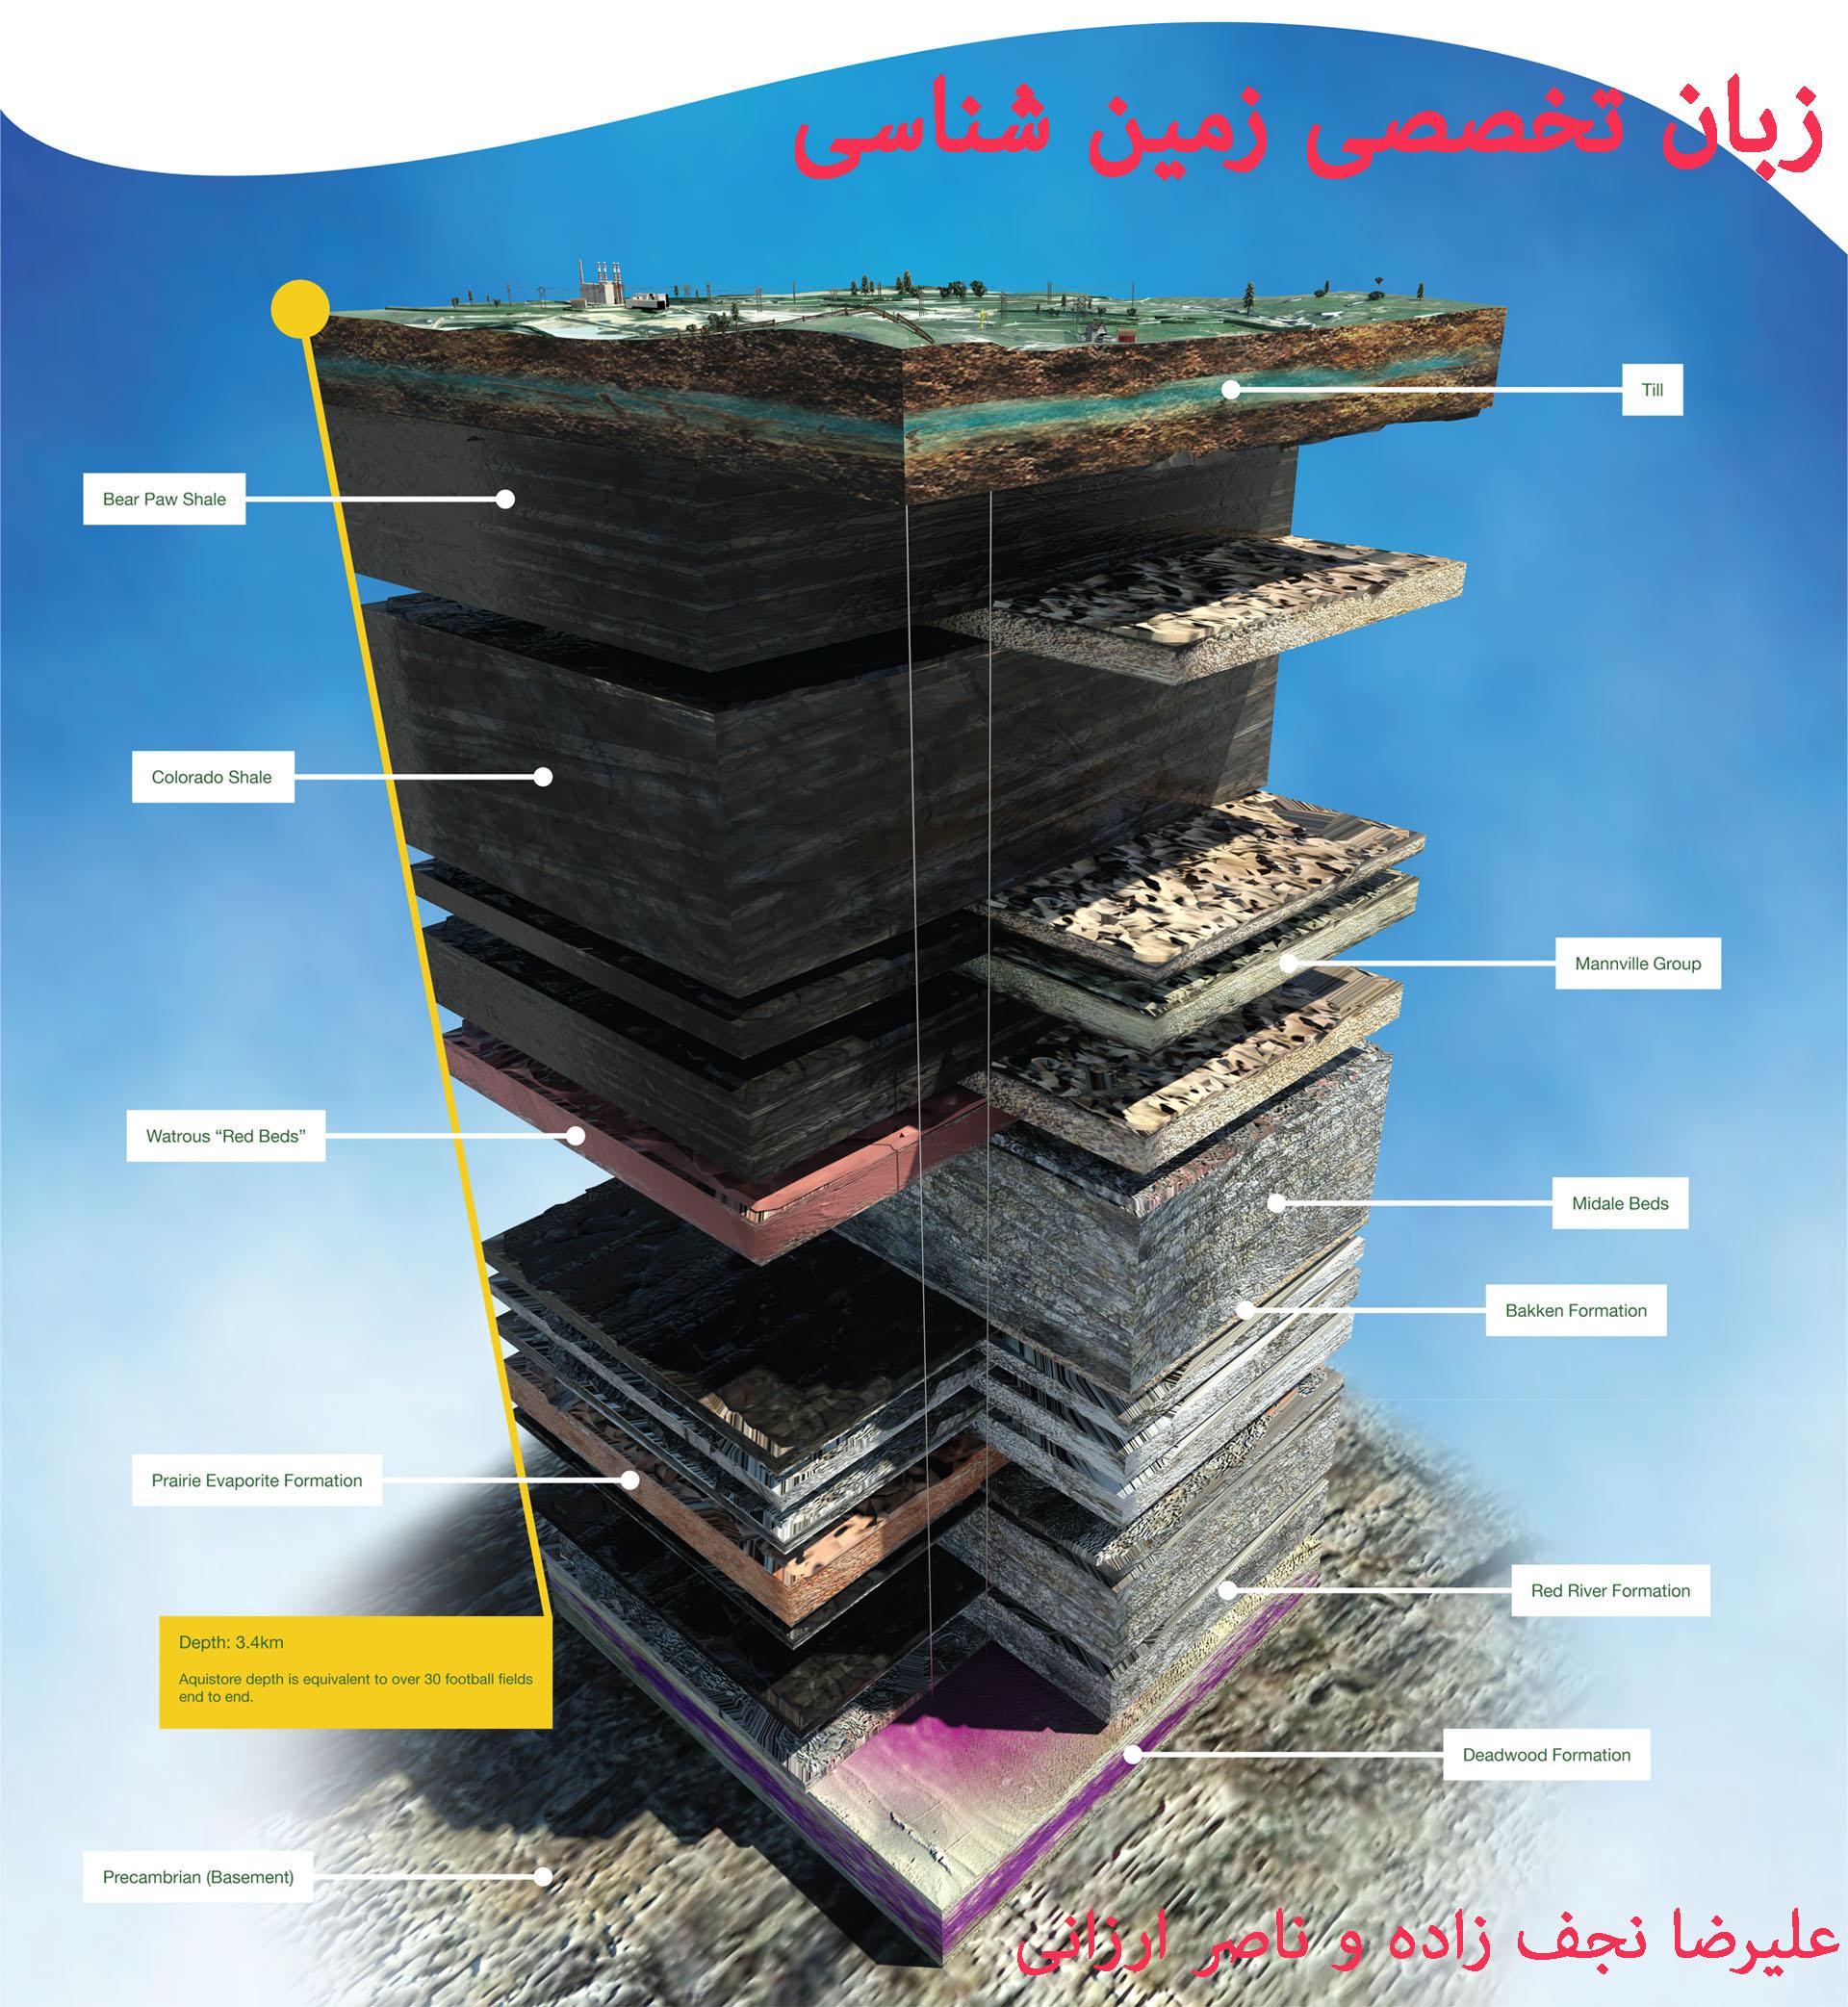 زمین شناسی دانلود کتاب زبان تخصصی زمین شناسی